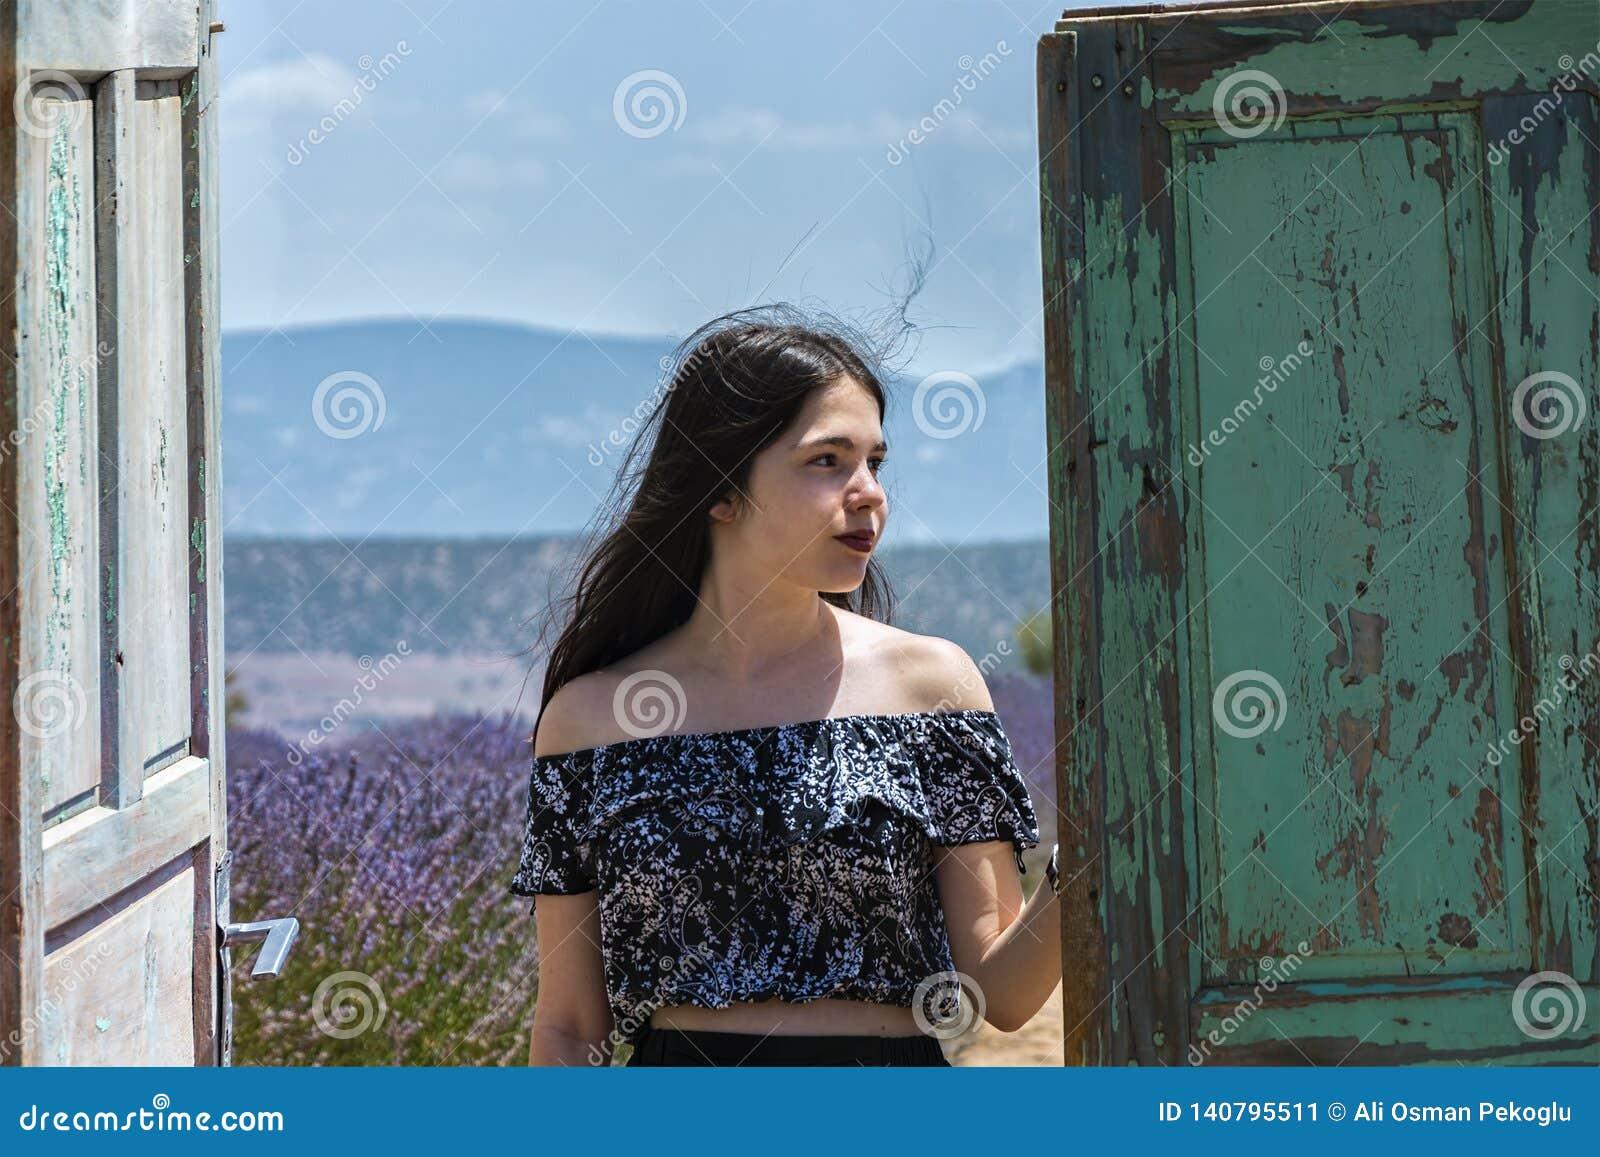 Hinter der alten Holztür das junge Mädchen